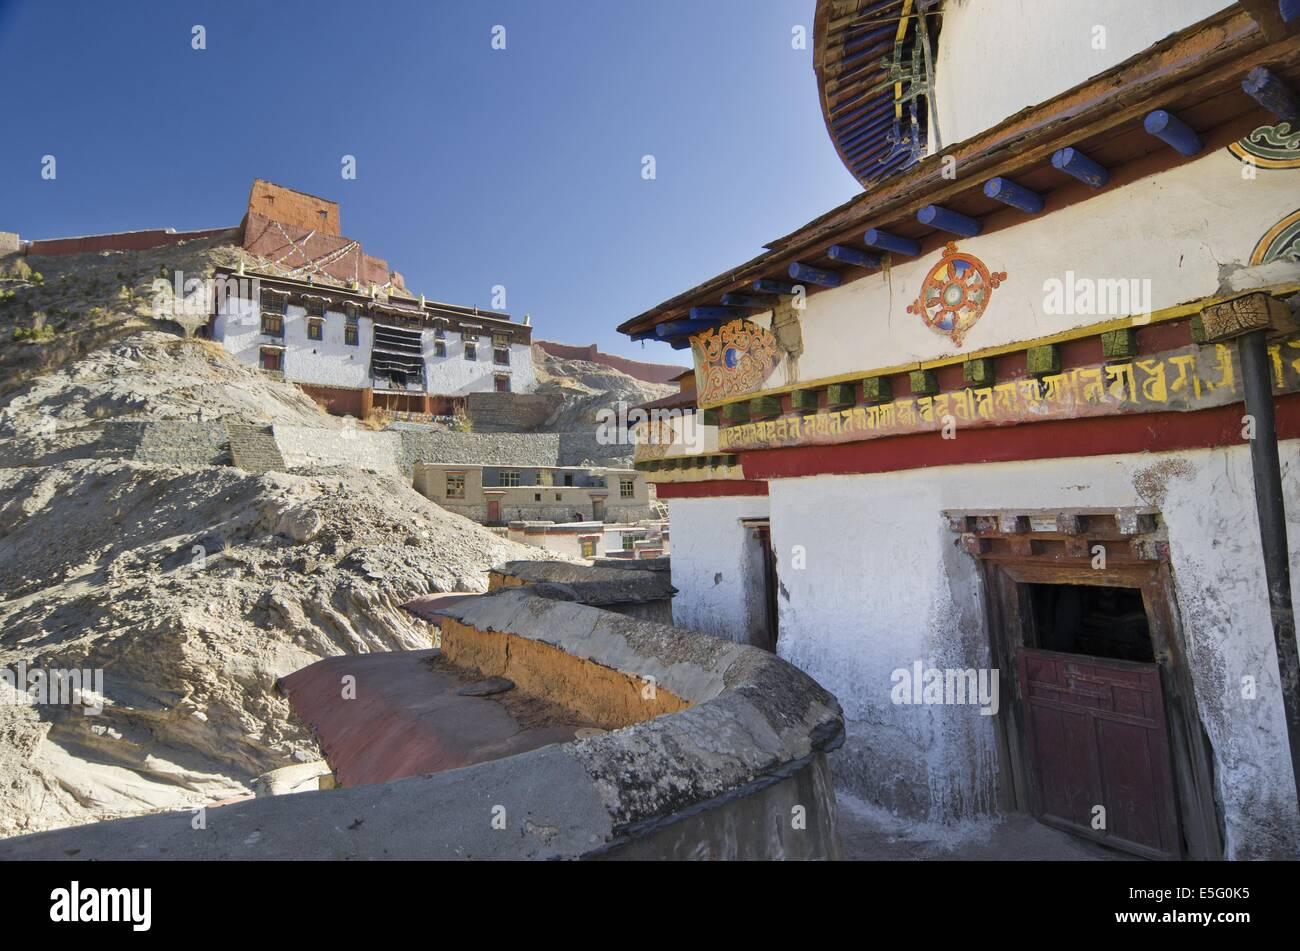 Palcho Monastery in Gyantse, Tibet - Stock Image